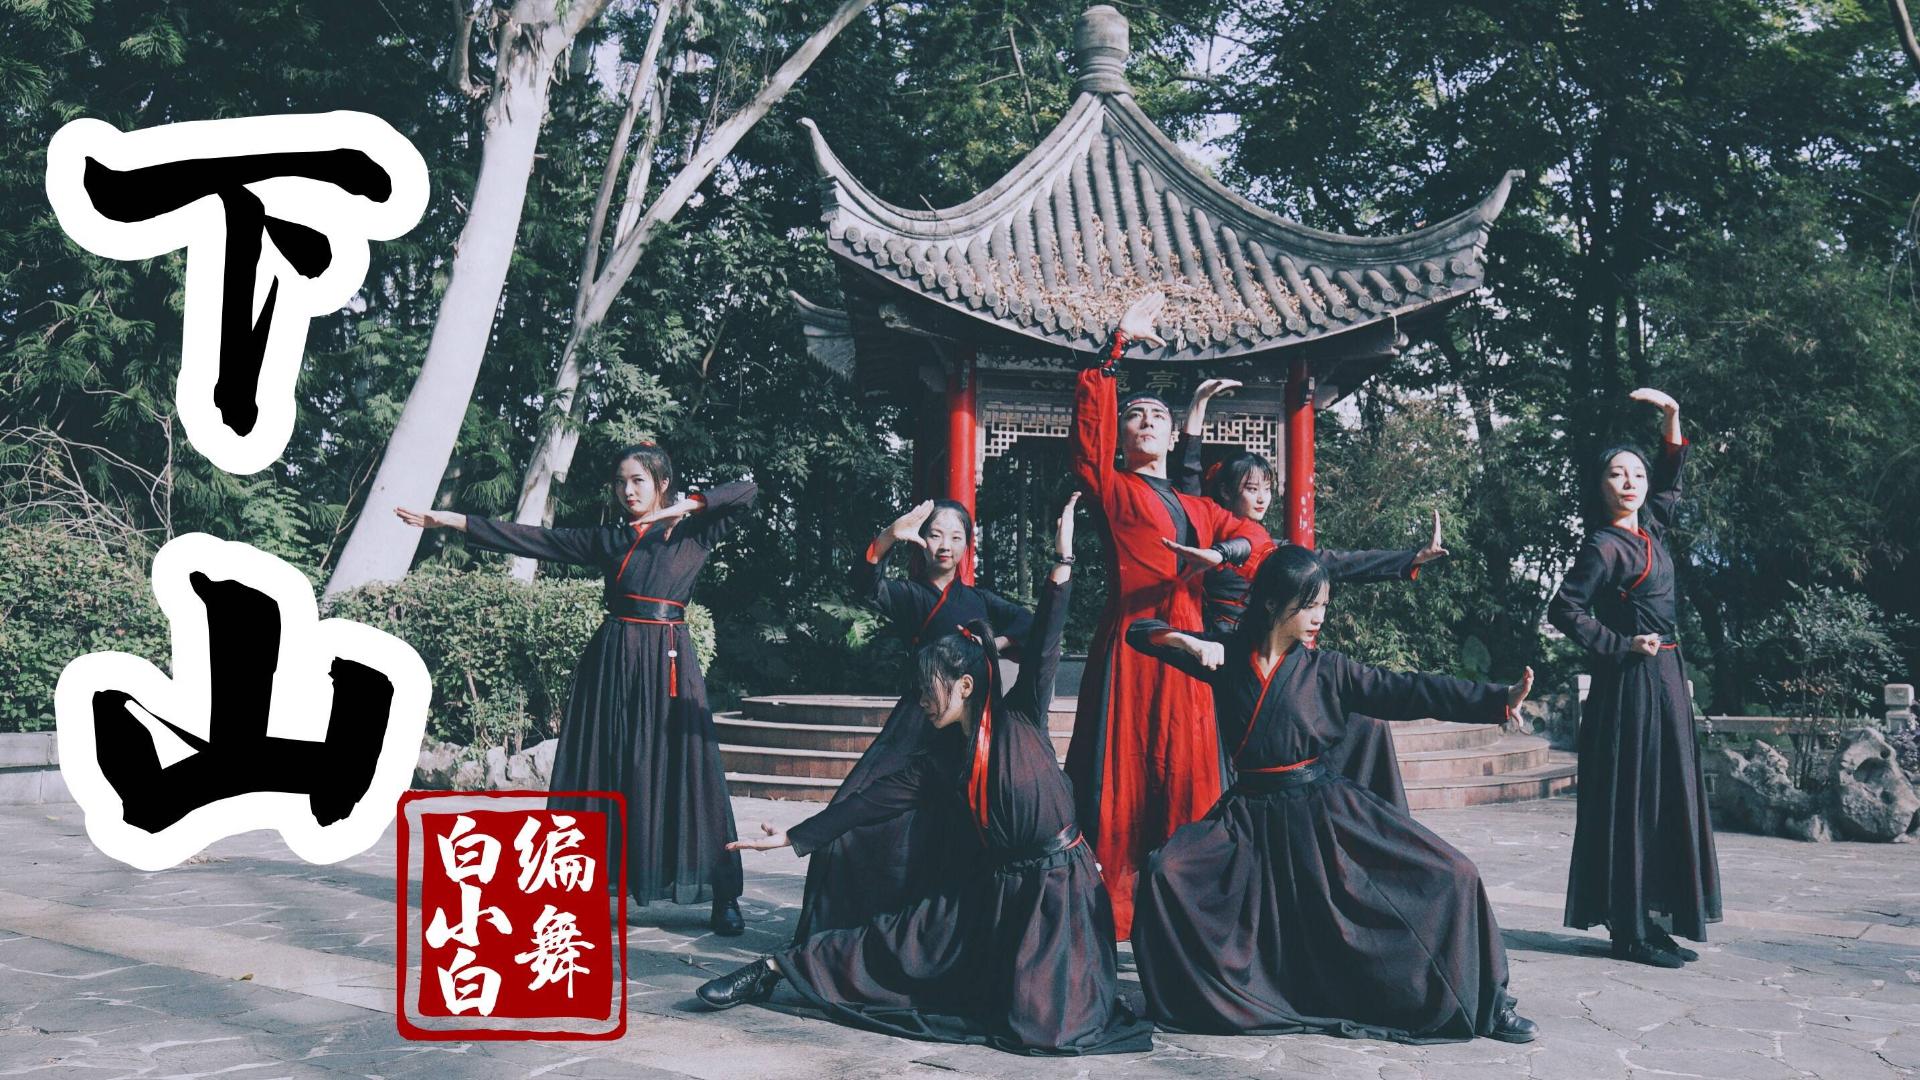 【全盛舞蹈工作室】超帅气!中国风爵士舞《下山》完整版编舞MV